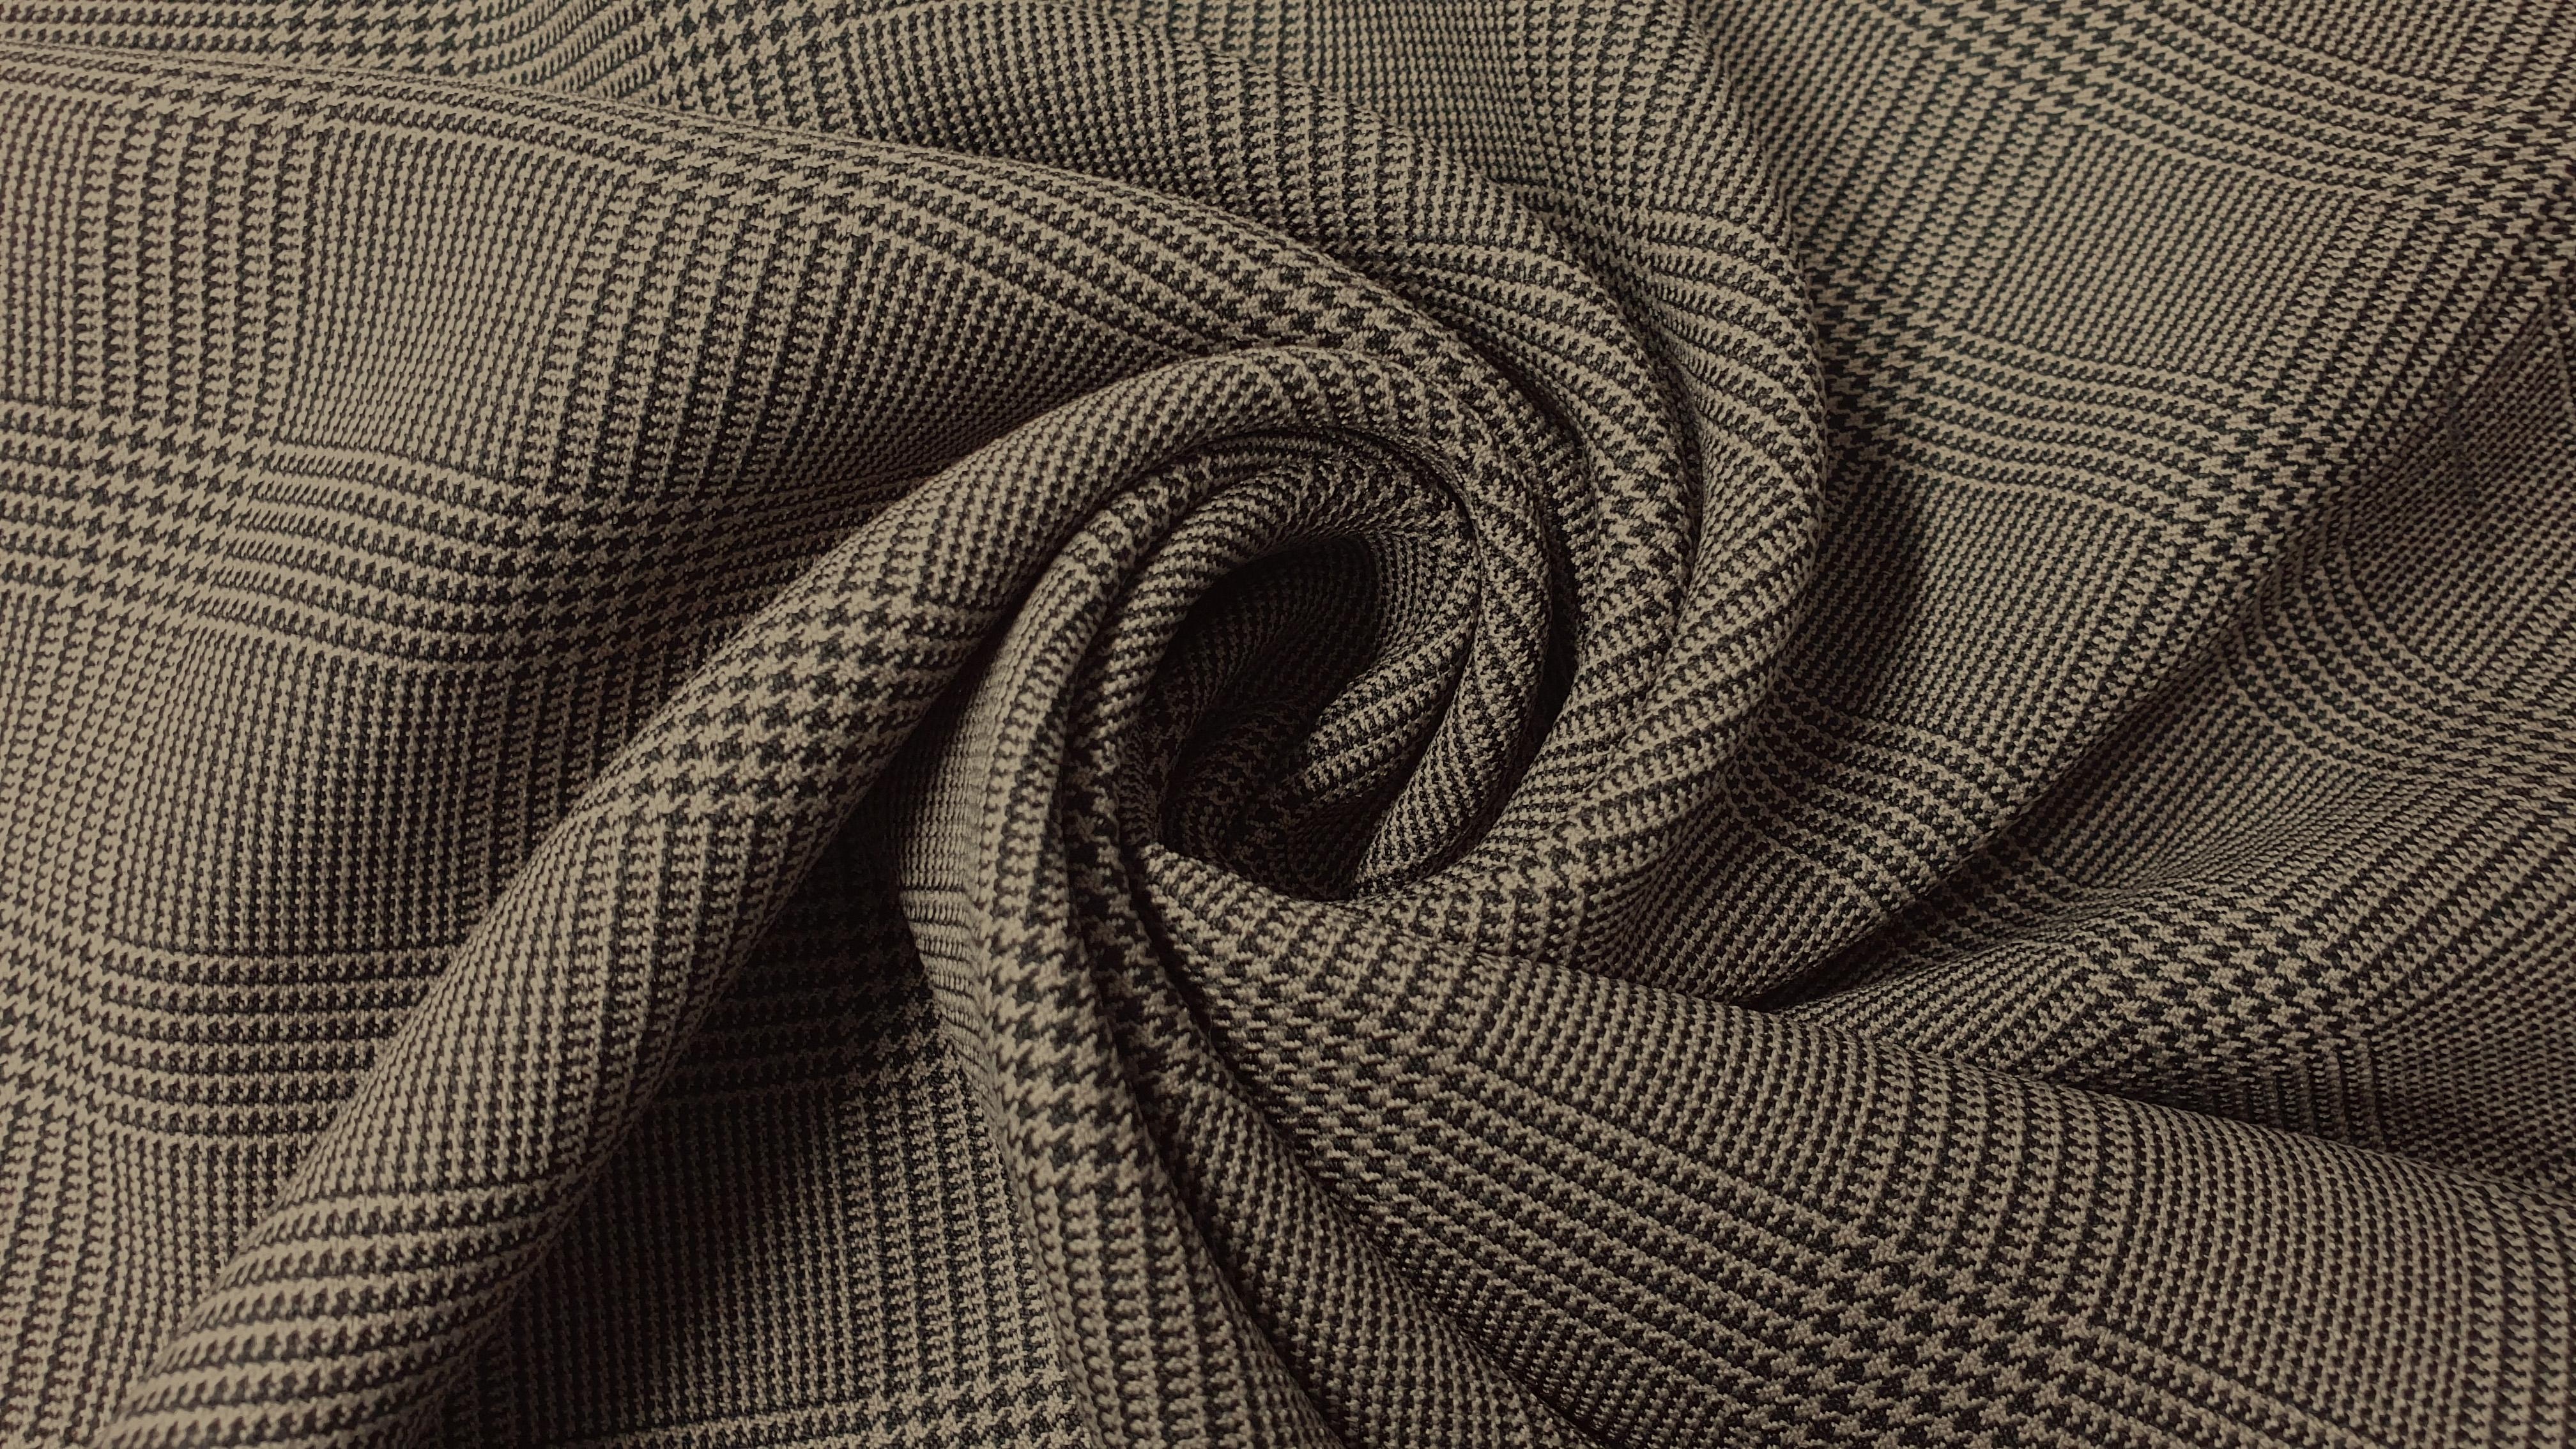 Костюмная клетка fuhua принц уэльский песочная купить по низкой цене в  интернет магазине, костюмная ткань с принтом в цвете